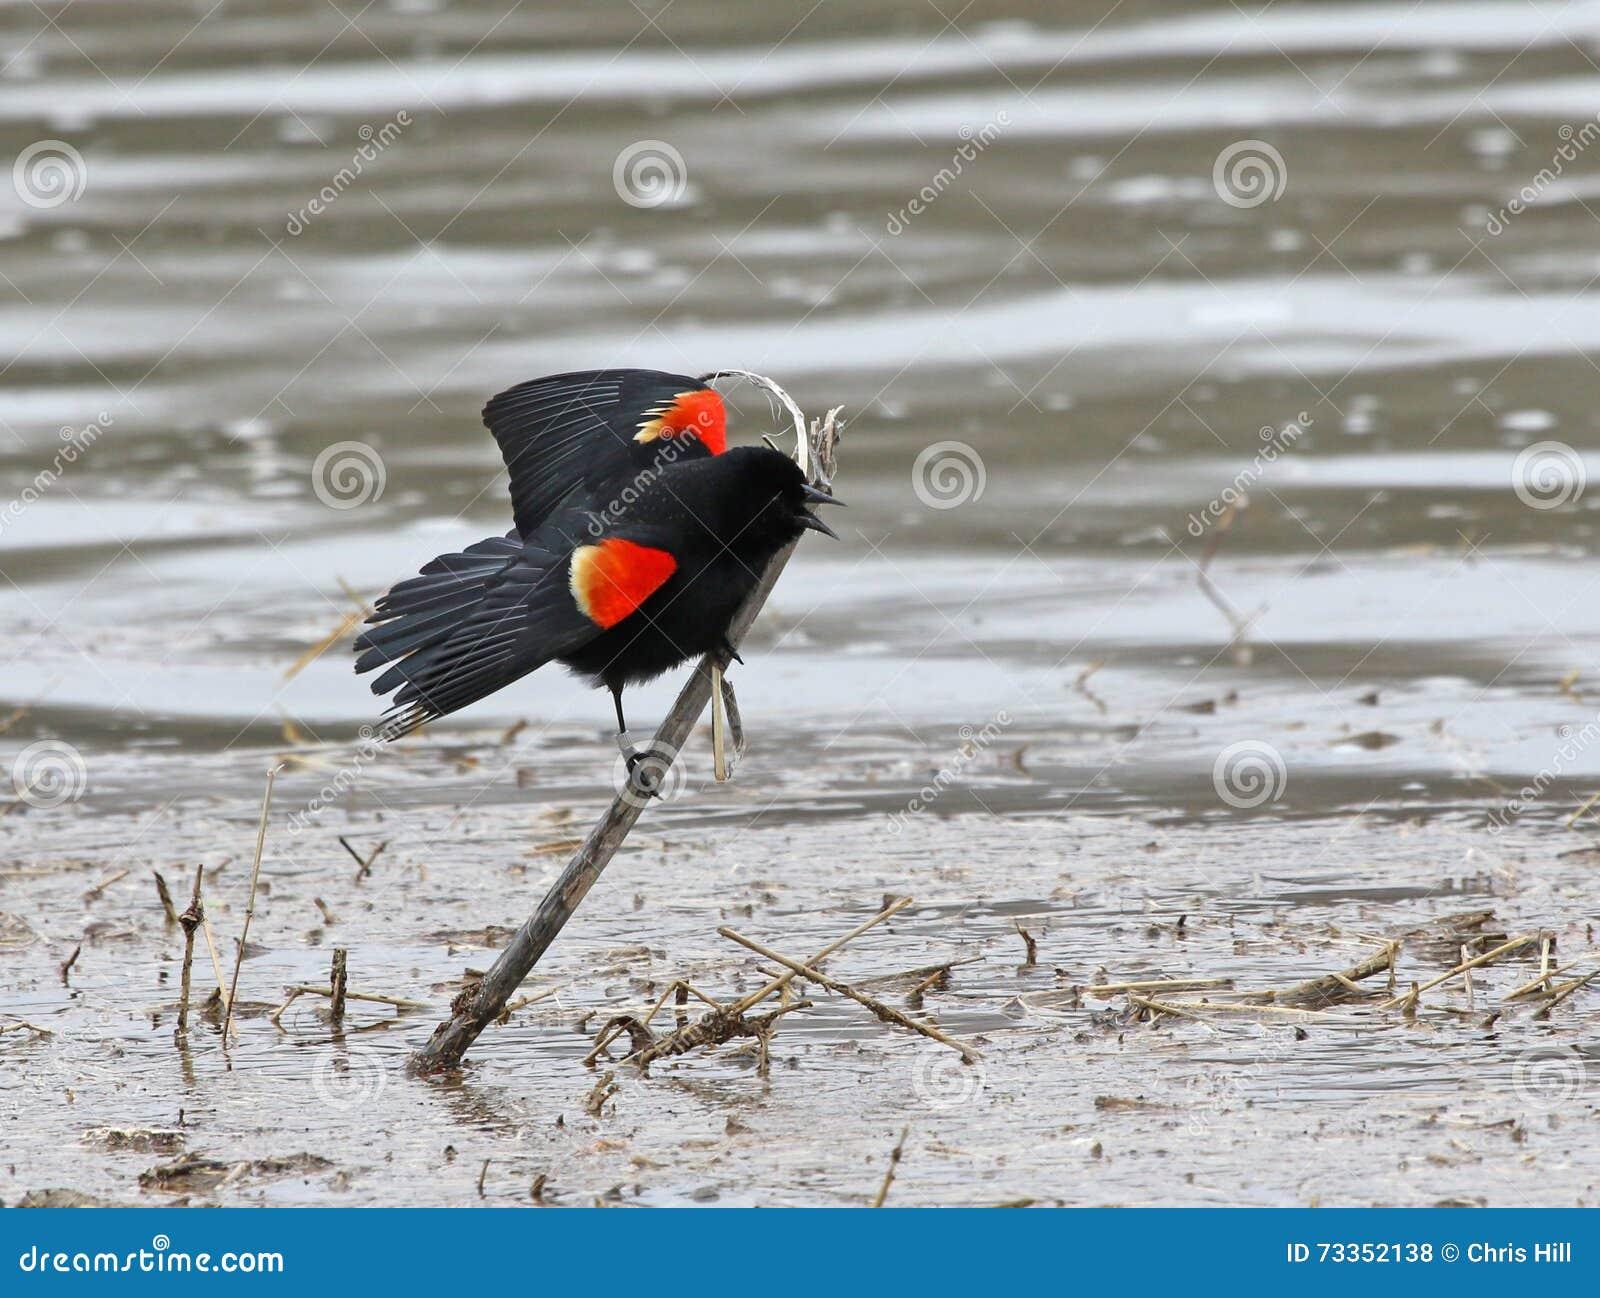 Advertencia del mirlo de alas rojas